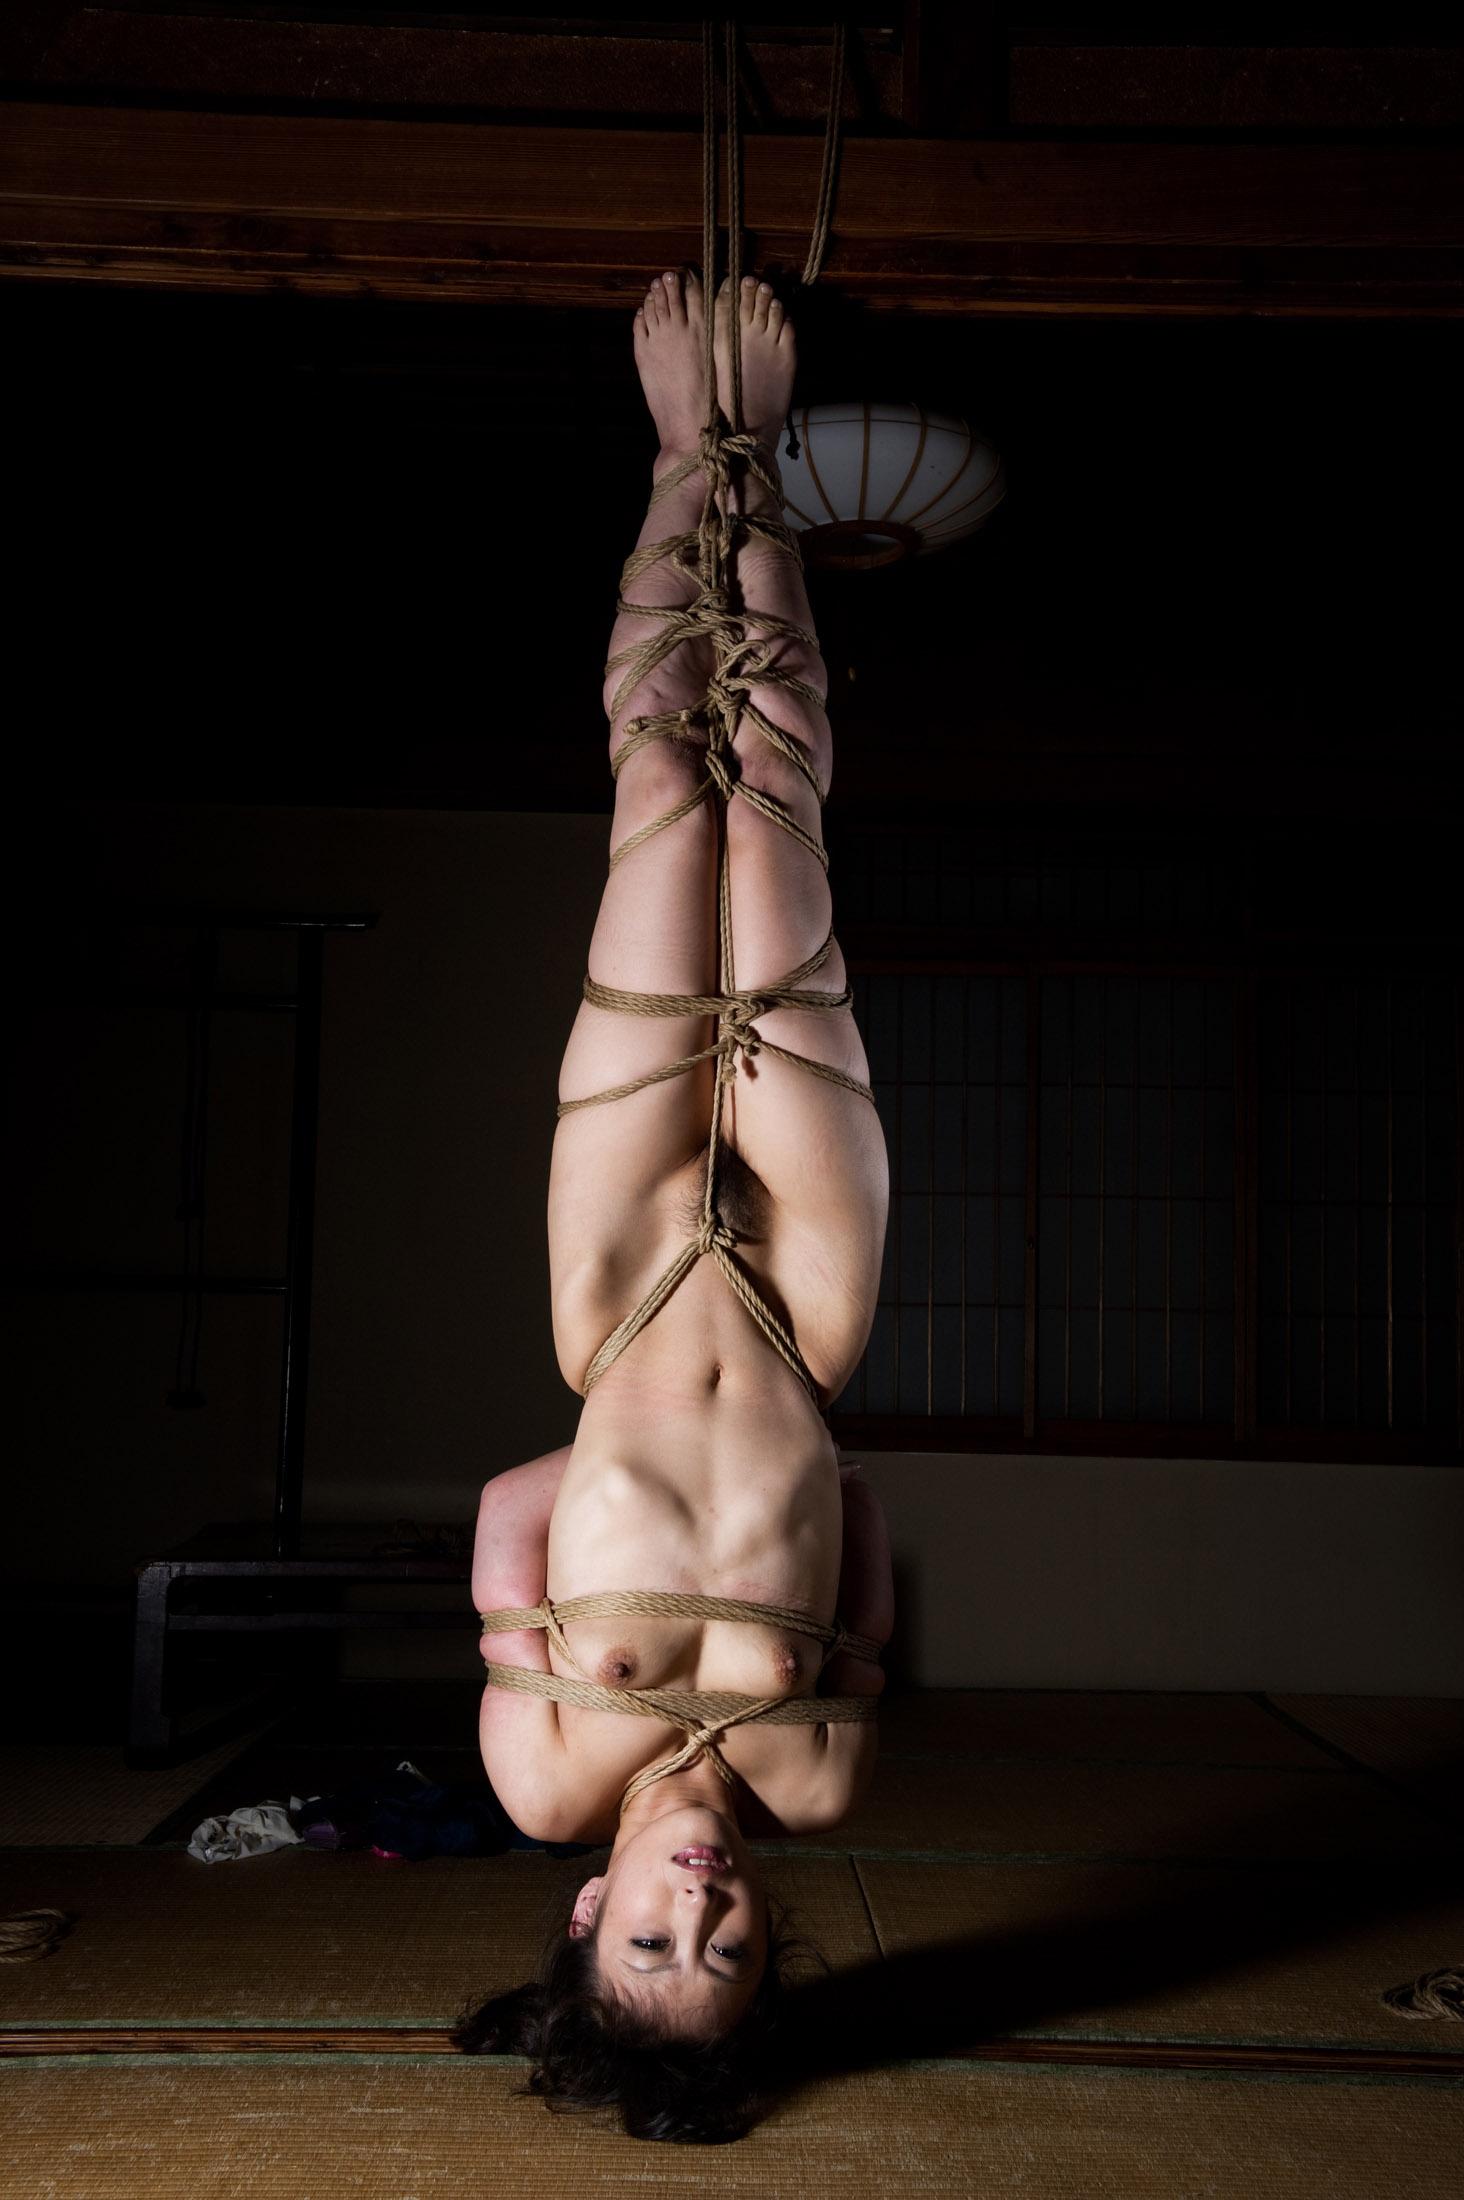 【逆さ吊りエロ画像】縄で逆さに吊られながら「あひ~ご勘弁を~」と悦びに浸ってる変態女子をご覧あれw